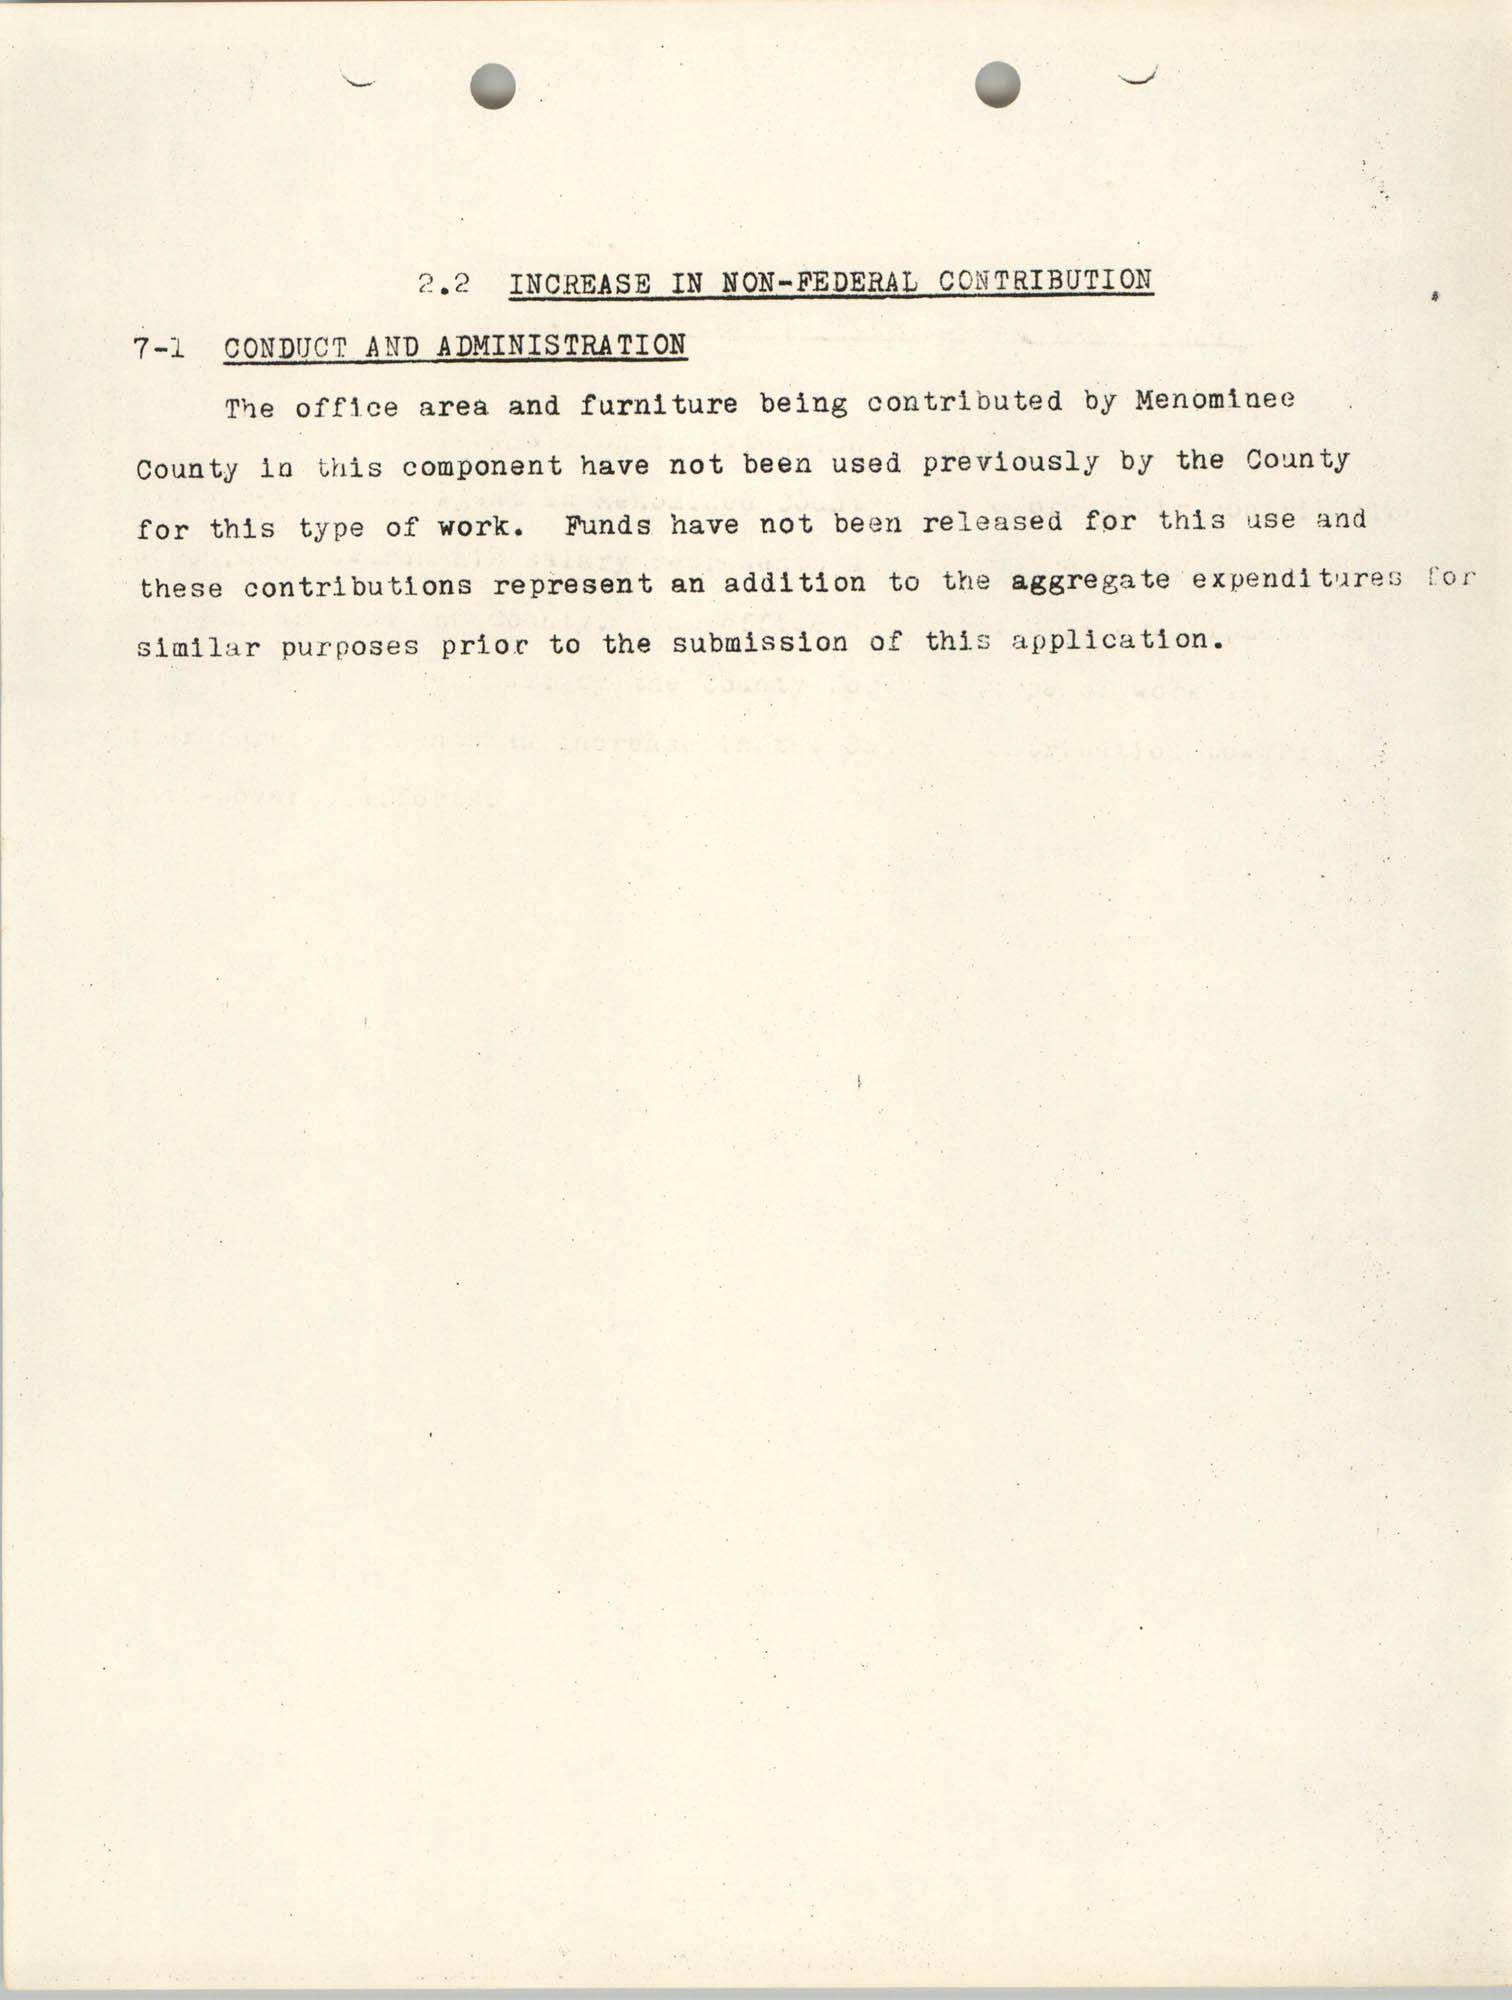 Increase in Non-Fedearl Contribution, June 27, 1966, Page 2